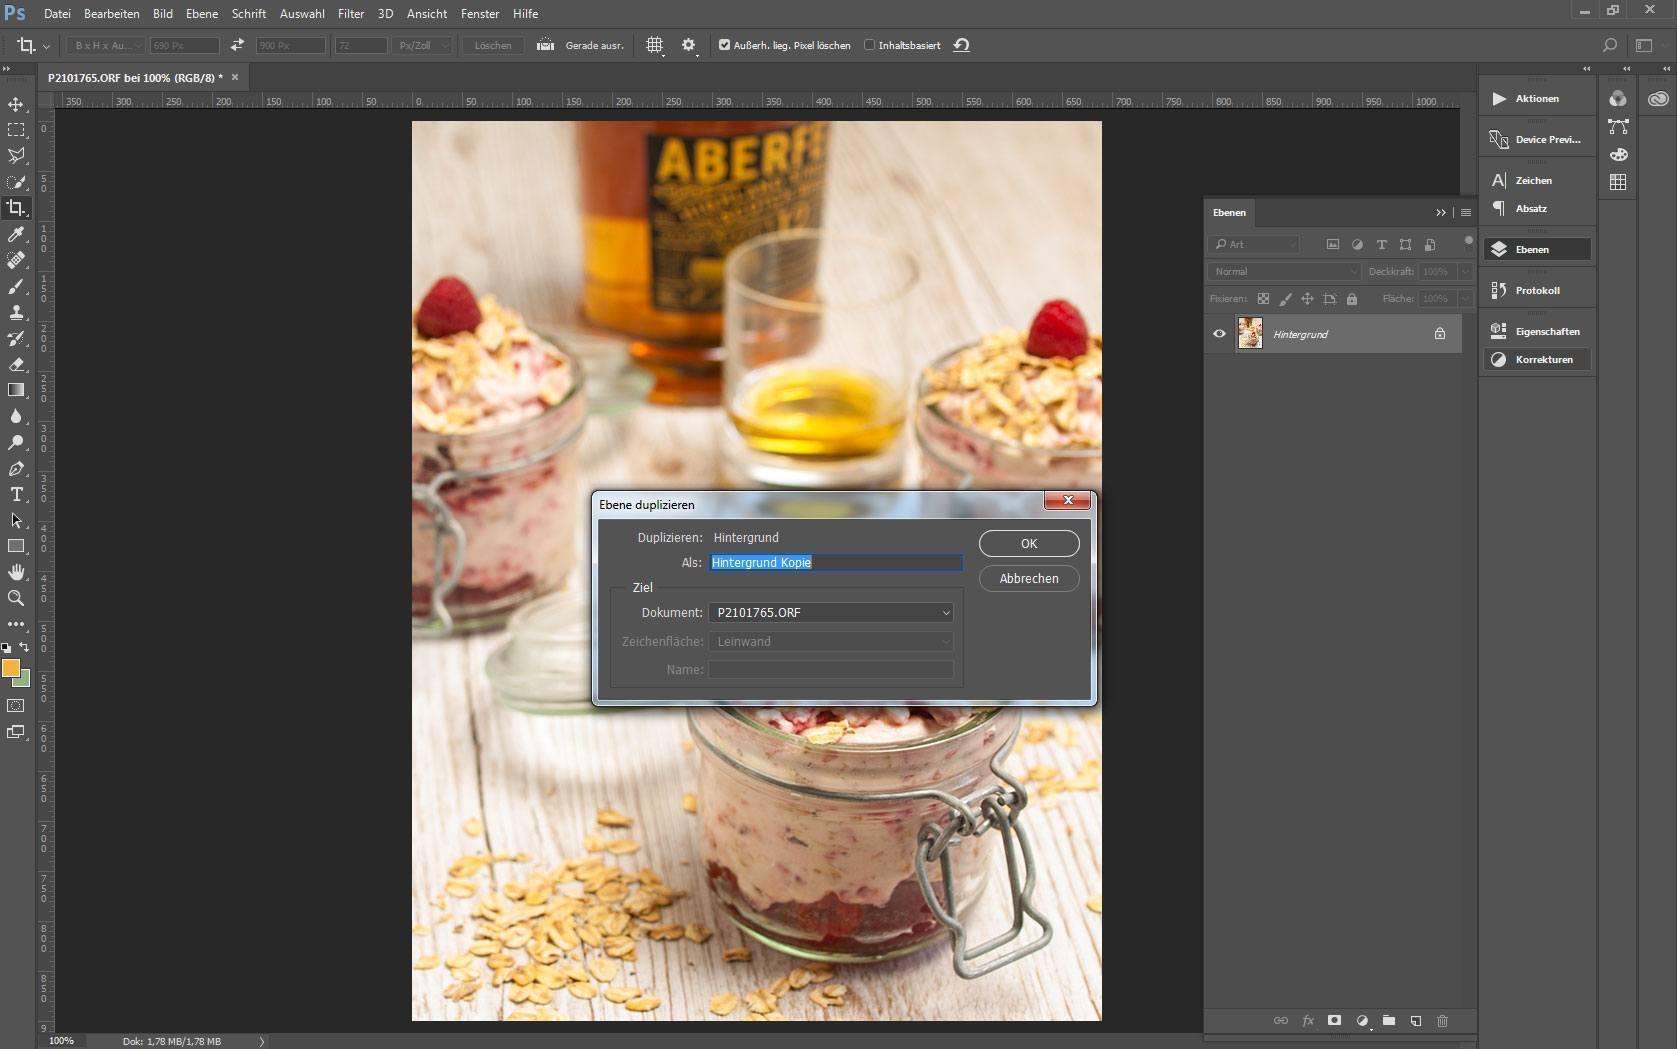 Ansicht eines Bildes in Adobe Photoshop mit aktivem Dialog Ebene duplizieren